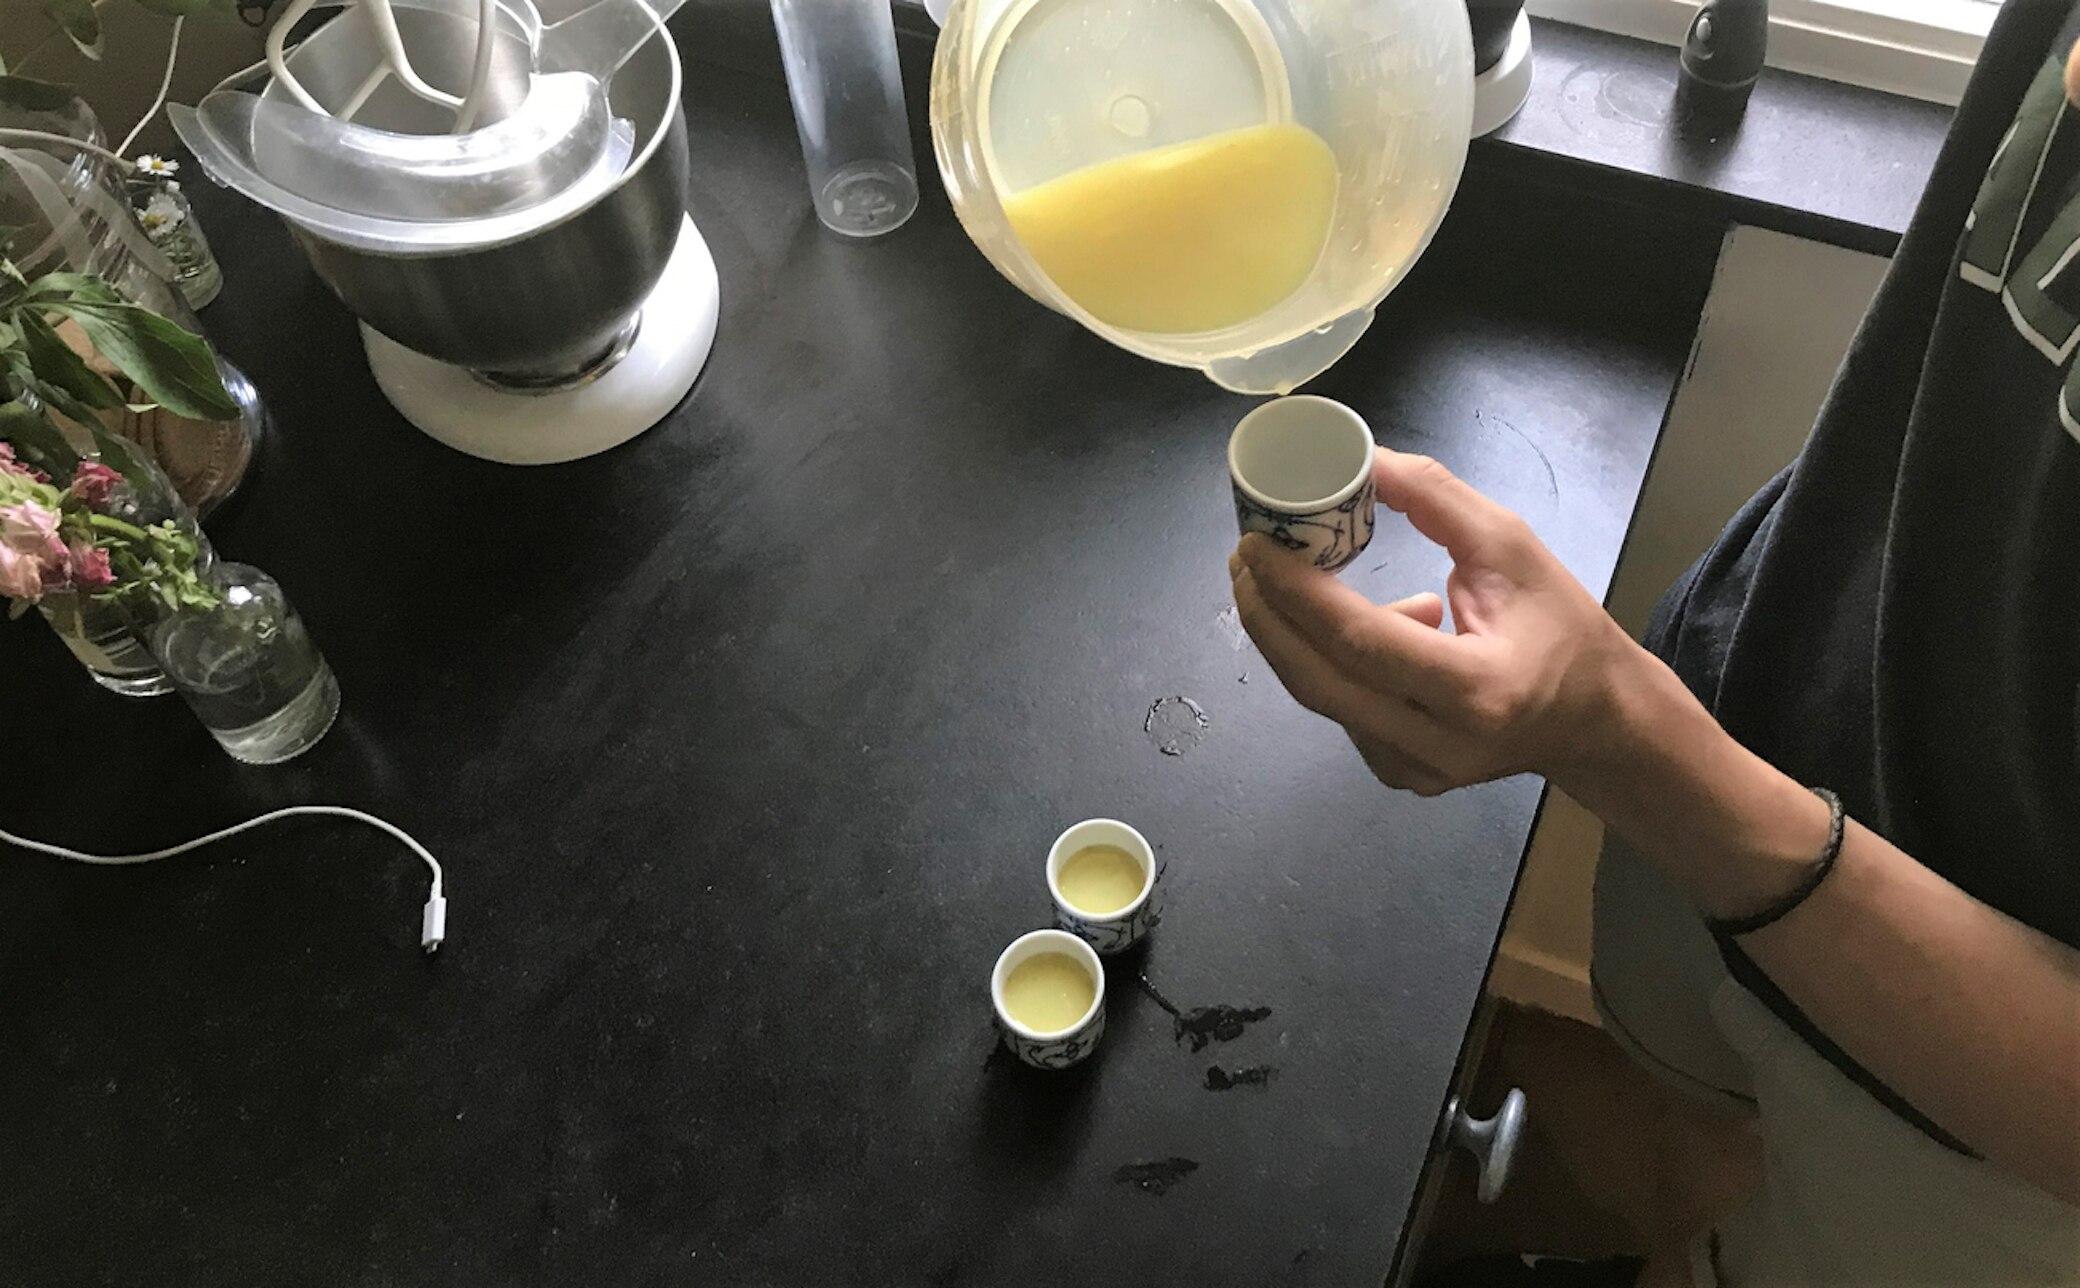 Zubereitung eines Ingwer-Shots